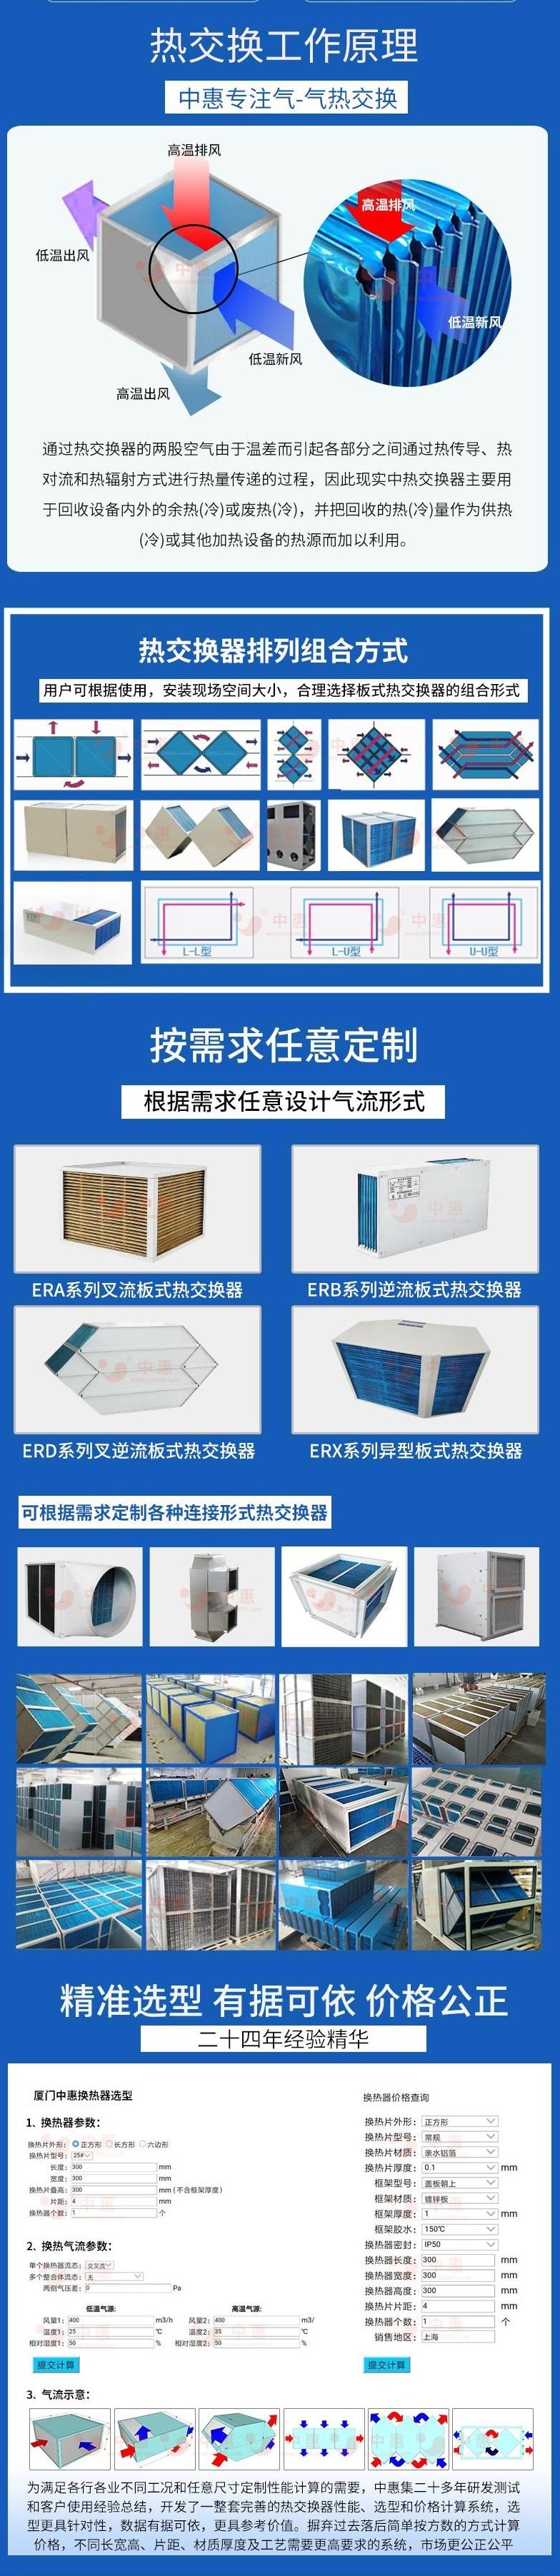 中惠板式热交换器详情页2